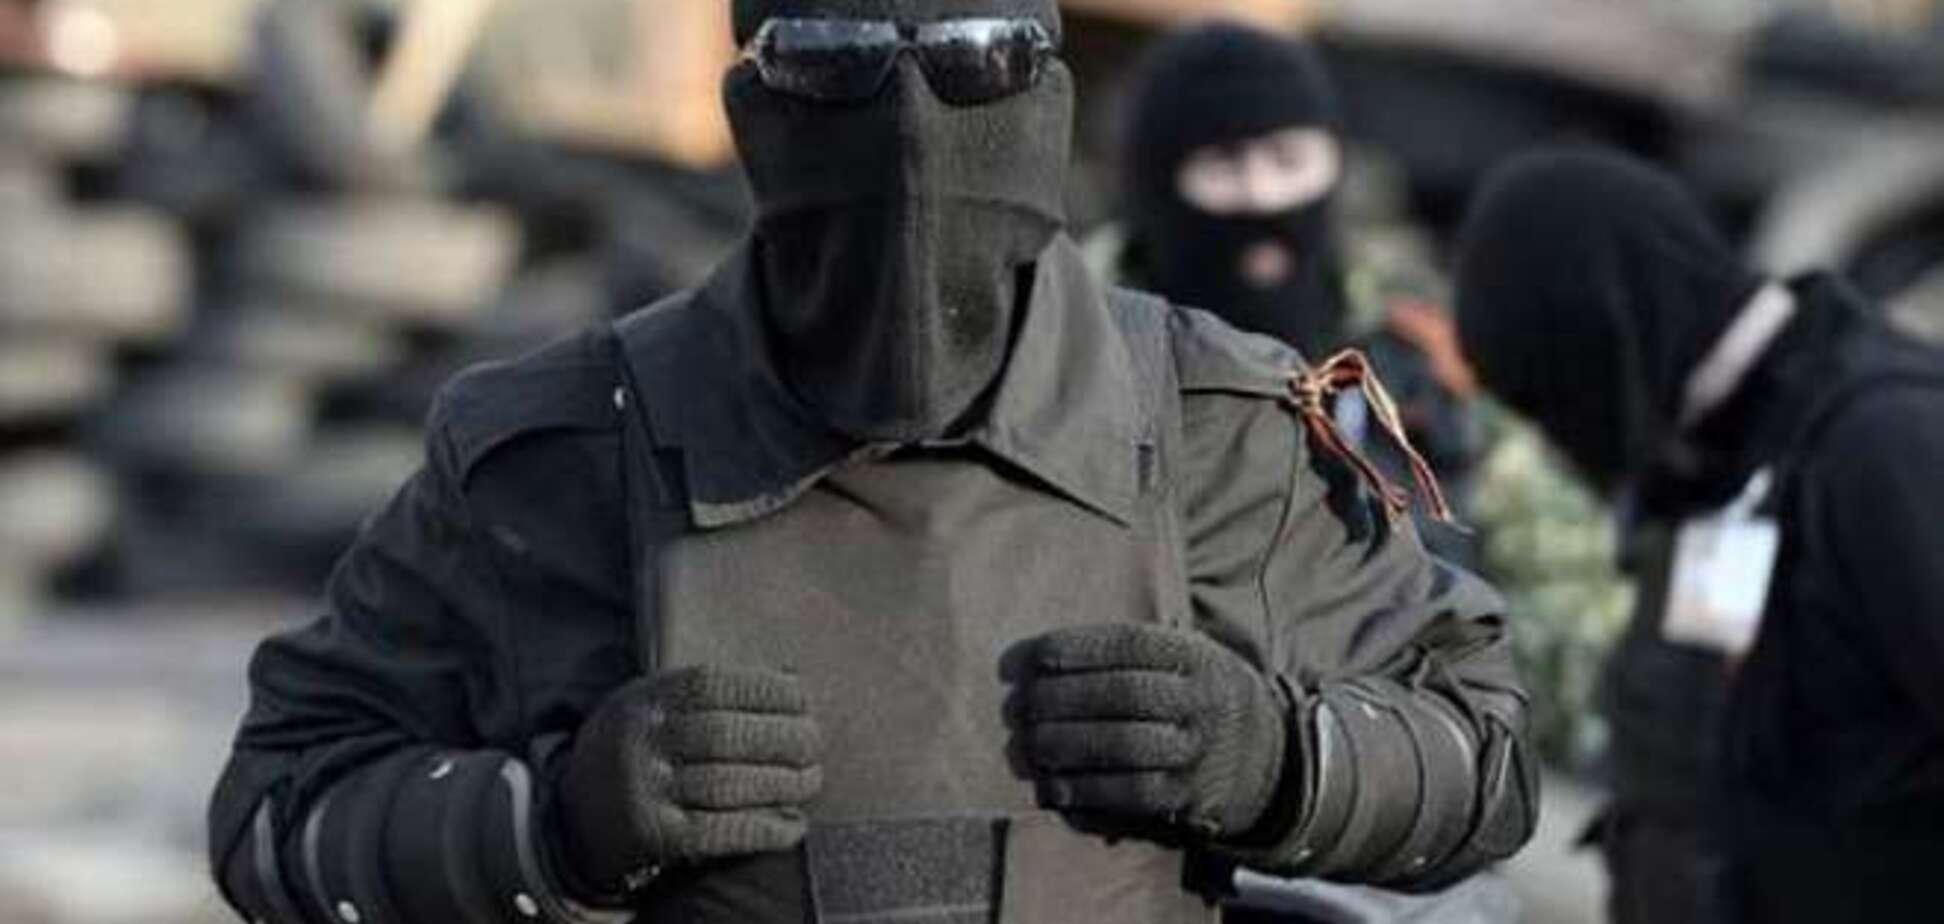 Людей на Донбассе похищает 'Русская православная армия' - советник СНБО